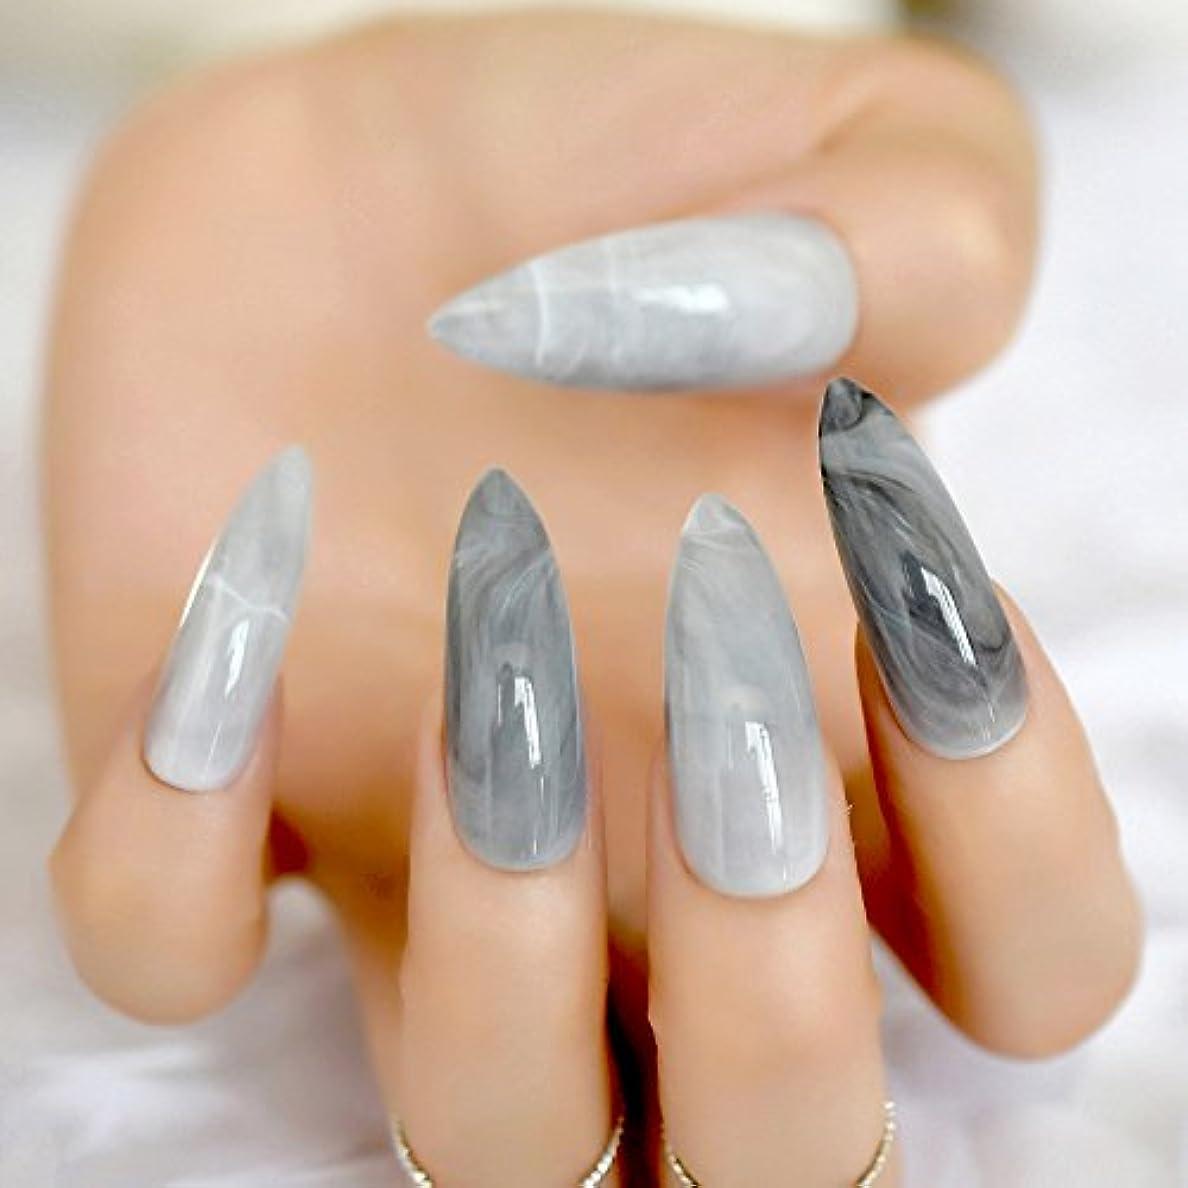 タイル突き刺すインペリアルXUTXZKA 余分な長いスチレットグレーのフェイクマーブルネイルストーンパターンは、指24カウントのために偽の爪に暗い光沢のあるロングプレスを指摘しました